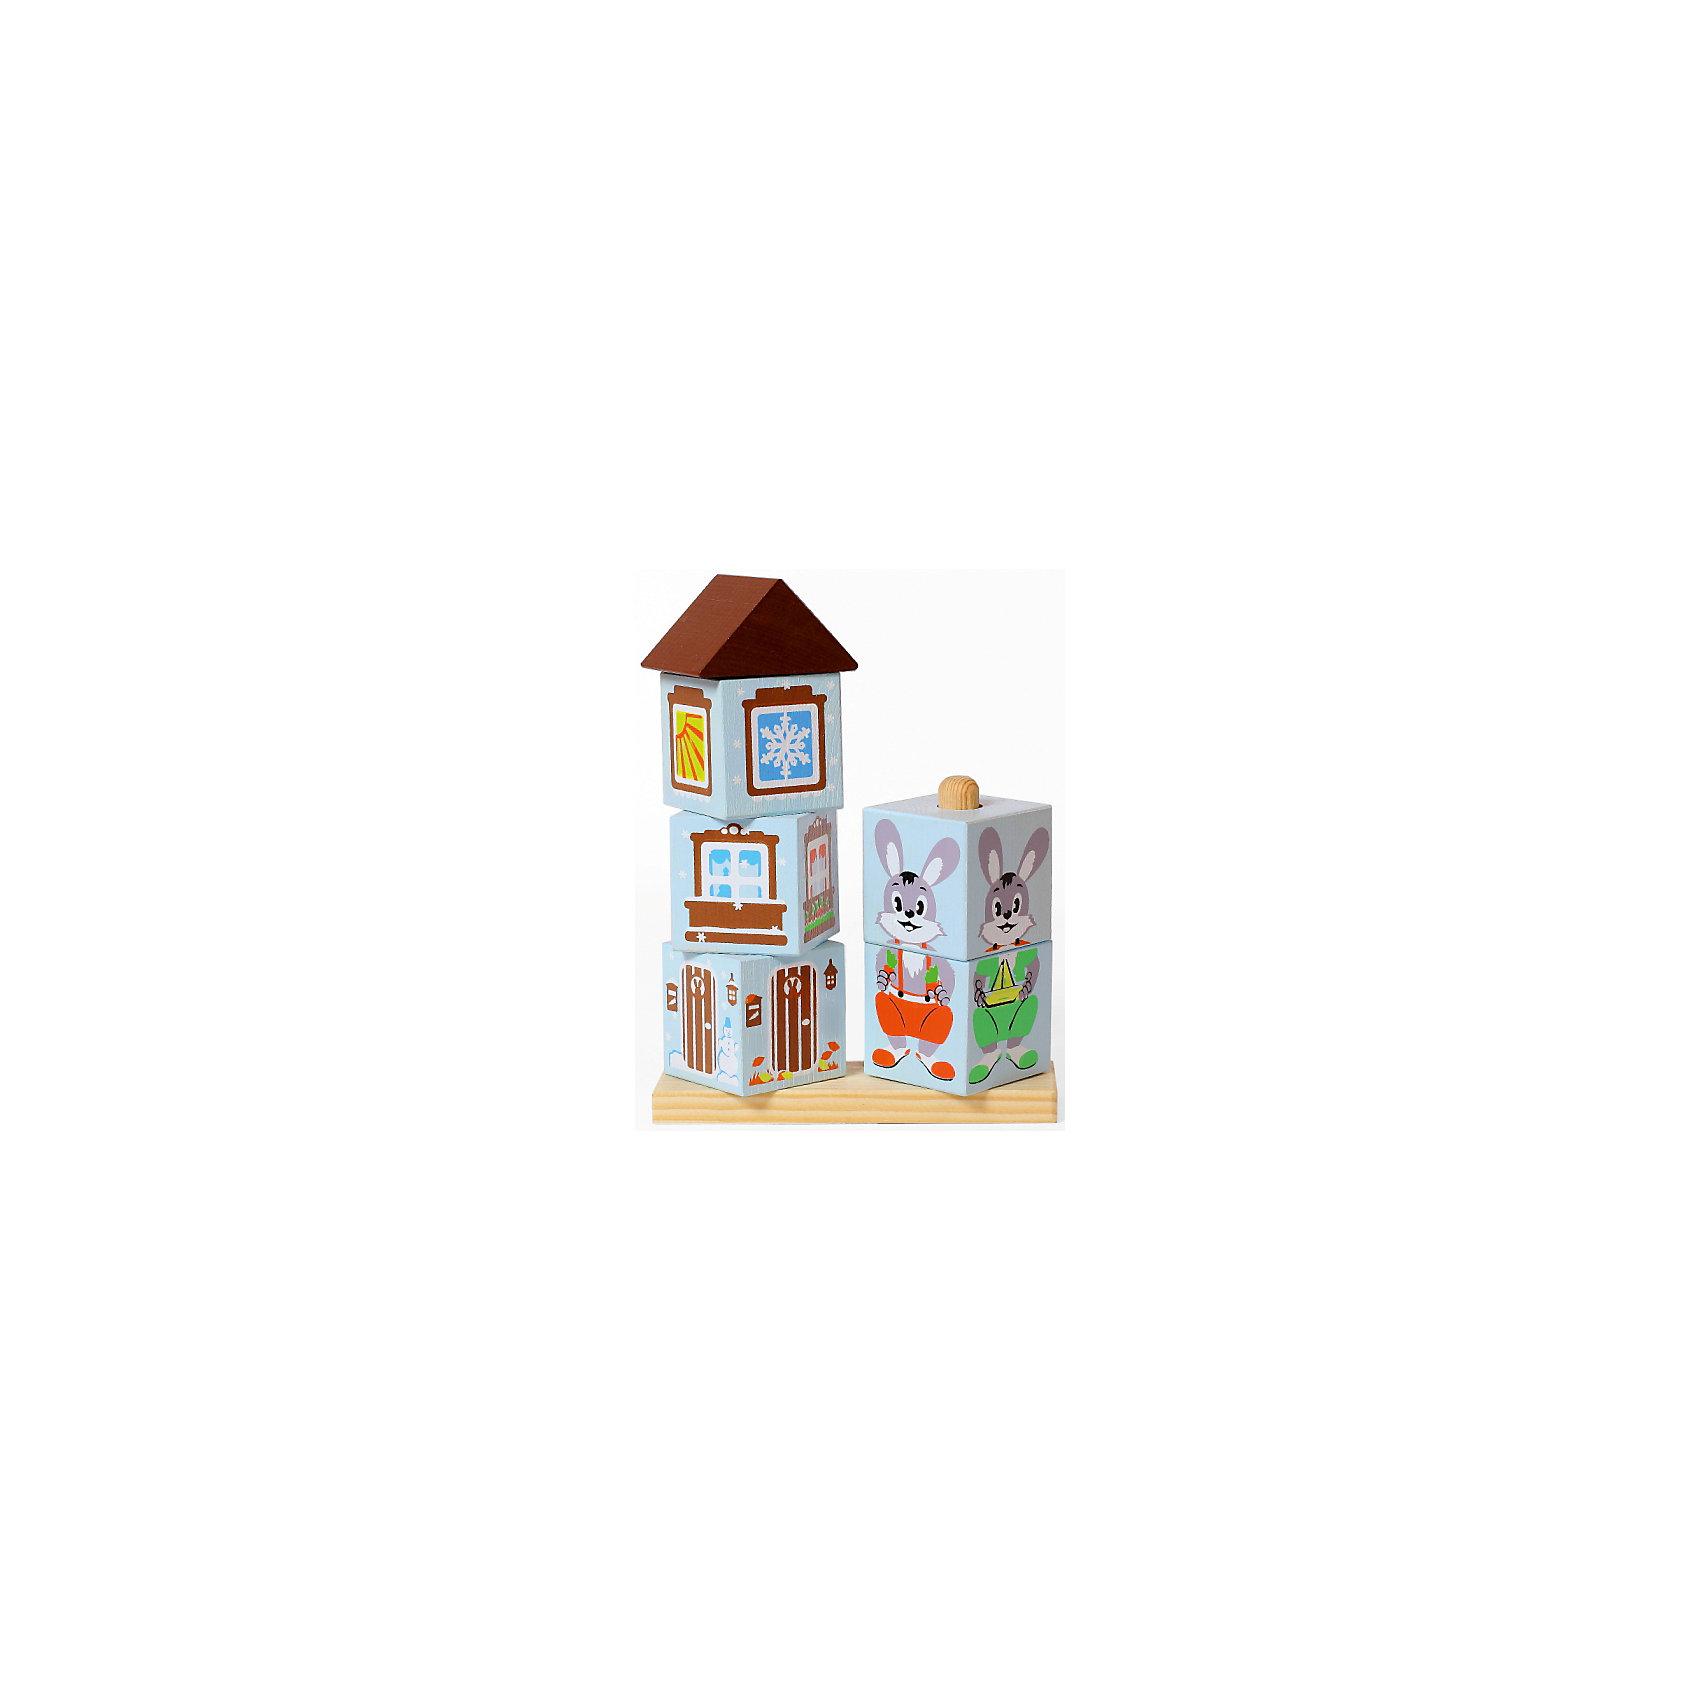 Кубики Зайка,ТомикКубики Зайка,Томик – это веселая развивающая игра-пирамидка из экологически чистой древесины.<br>Игровой набор кубиков Зайка представляет собой двойную пирамидку, т.е. основание с двумя стержнями, на которые нужно надеть соответствующие кубики, чтобы собрать домик и зайчика. Но задание усложняется тем, что зайчик в каждое время года одет иначе, и его домик выглядит соответственно осенью, зимою, весною и летом. Домик состоит из четырех деталей: нижний кубик с изображением двери, второй открывает вид с балкона, третий - вид из окна, четвертый – крыша. Около дома, в зависимости от времени года, могут быть сугробы, снежинки и снеговик, цветы, жаркое солнце или осенняя листва. Зайчик состоит из двух кубиков. На каждой стороне кубика он также одет соответственно времени года. Покрутите кубики и поверните их к себе нужными гранями. Сборка такой пирамидки развивает моторику рук, логику, наблюдательность, память, образное мышление. Игрушка выполнена из дерева, детали тщательно отшлифованы и обработаны, окрашены акриловыми красками приятных цветов.<br><br>Дополнительная информация:<br><br>- Комплектация: основа с двумя стержнями и шесть кубиков с отверстиями<br>- Размер основы: 14,2 х 12,1 х 4 см.<br>- Высота домика: 14,8 см.<br>- Высота зайки: 8 см.<br>- Размеры кубиков6 от 4 см. до 5,3 см.<br>- Материал: древесина<br>- Упаковка: картонная коробка<br>- Размер упаковки: 17 х 13 х 4 см.<br>- Вес: 247 гр.<br><br>Кубики Зайка,Томик можно купить в нашем интернет-магазине.<br><br>Ширина мм: 170<br>Глубина мм: 130<br>Высота мм: 43<br>Вес г: 247<br>Возраст от месяцев: 36<br>Возраст до месяцев: 84<br>Пол: Унисекс<br>Возраст: Детский<br>SKU: 4317167